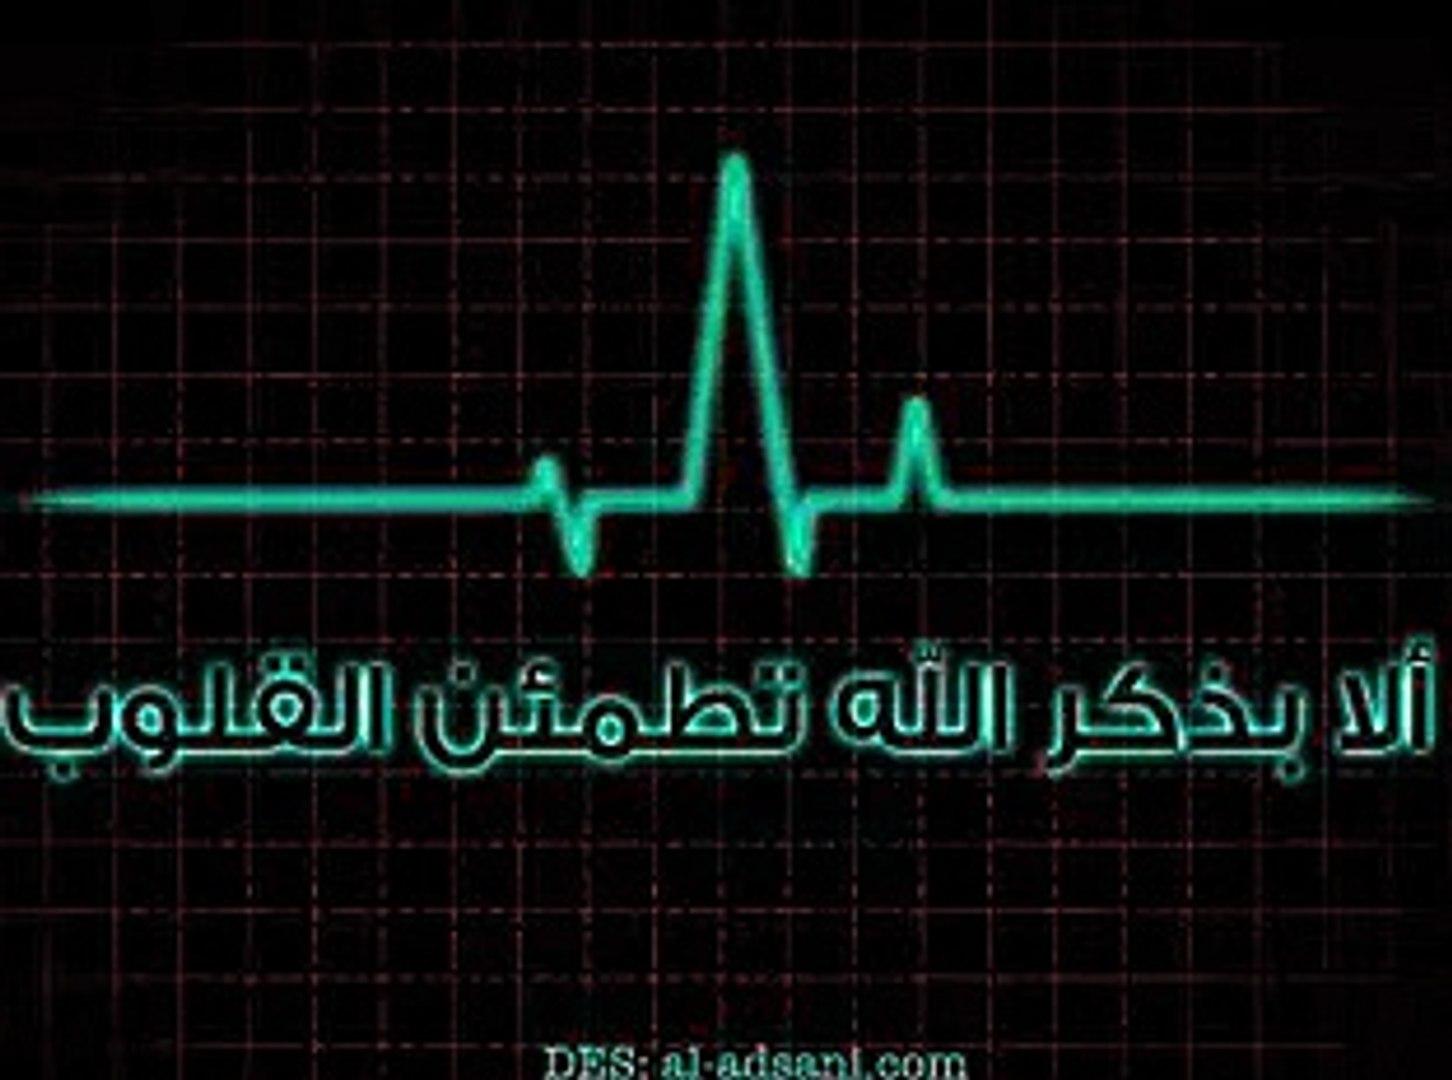 بسم الله الرحمن الرحيم بصوت جميل - للمونتاج mp3 - YouTube